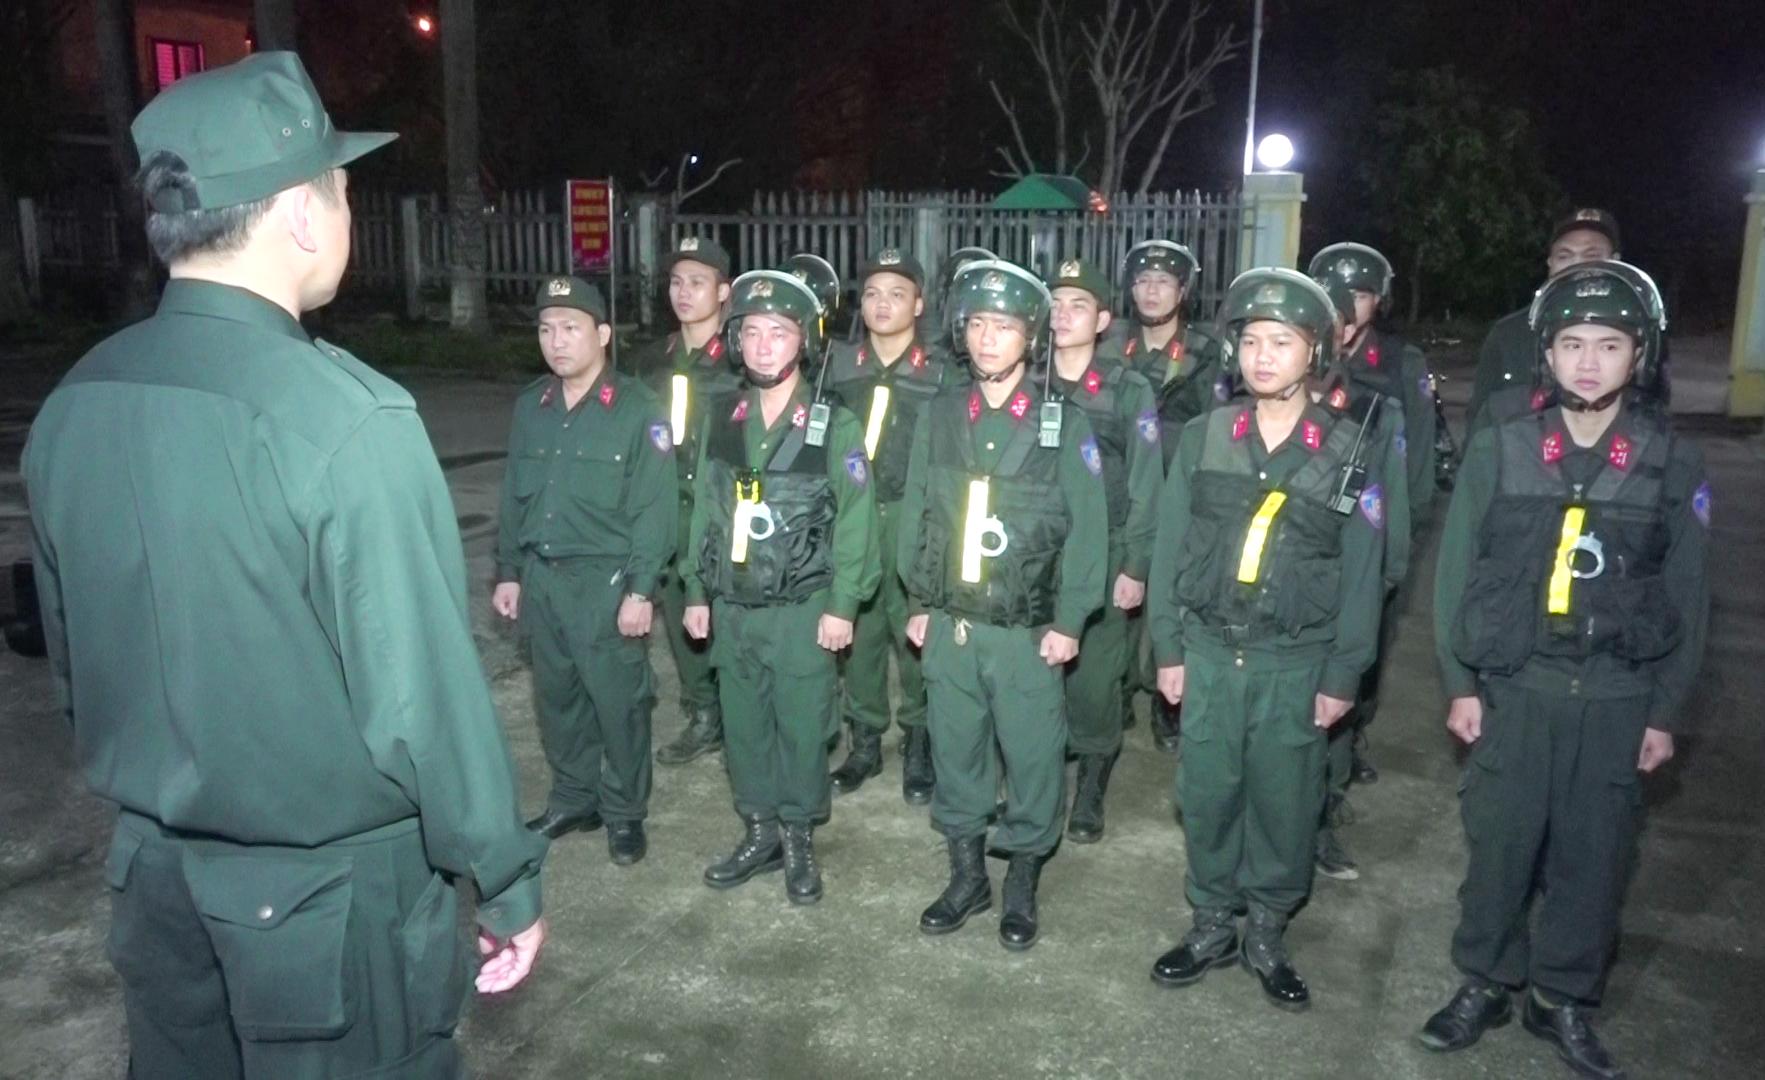 Phòng Cảnh sát cơ động sẽ tăng cường các hoạt động tuần tra đêm tại nhiều địa bàn trọng điểm. Ảnh: C.H